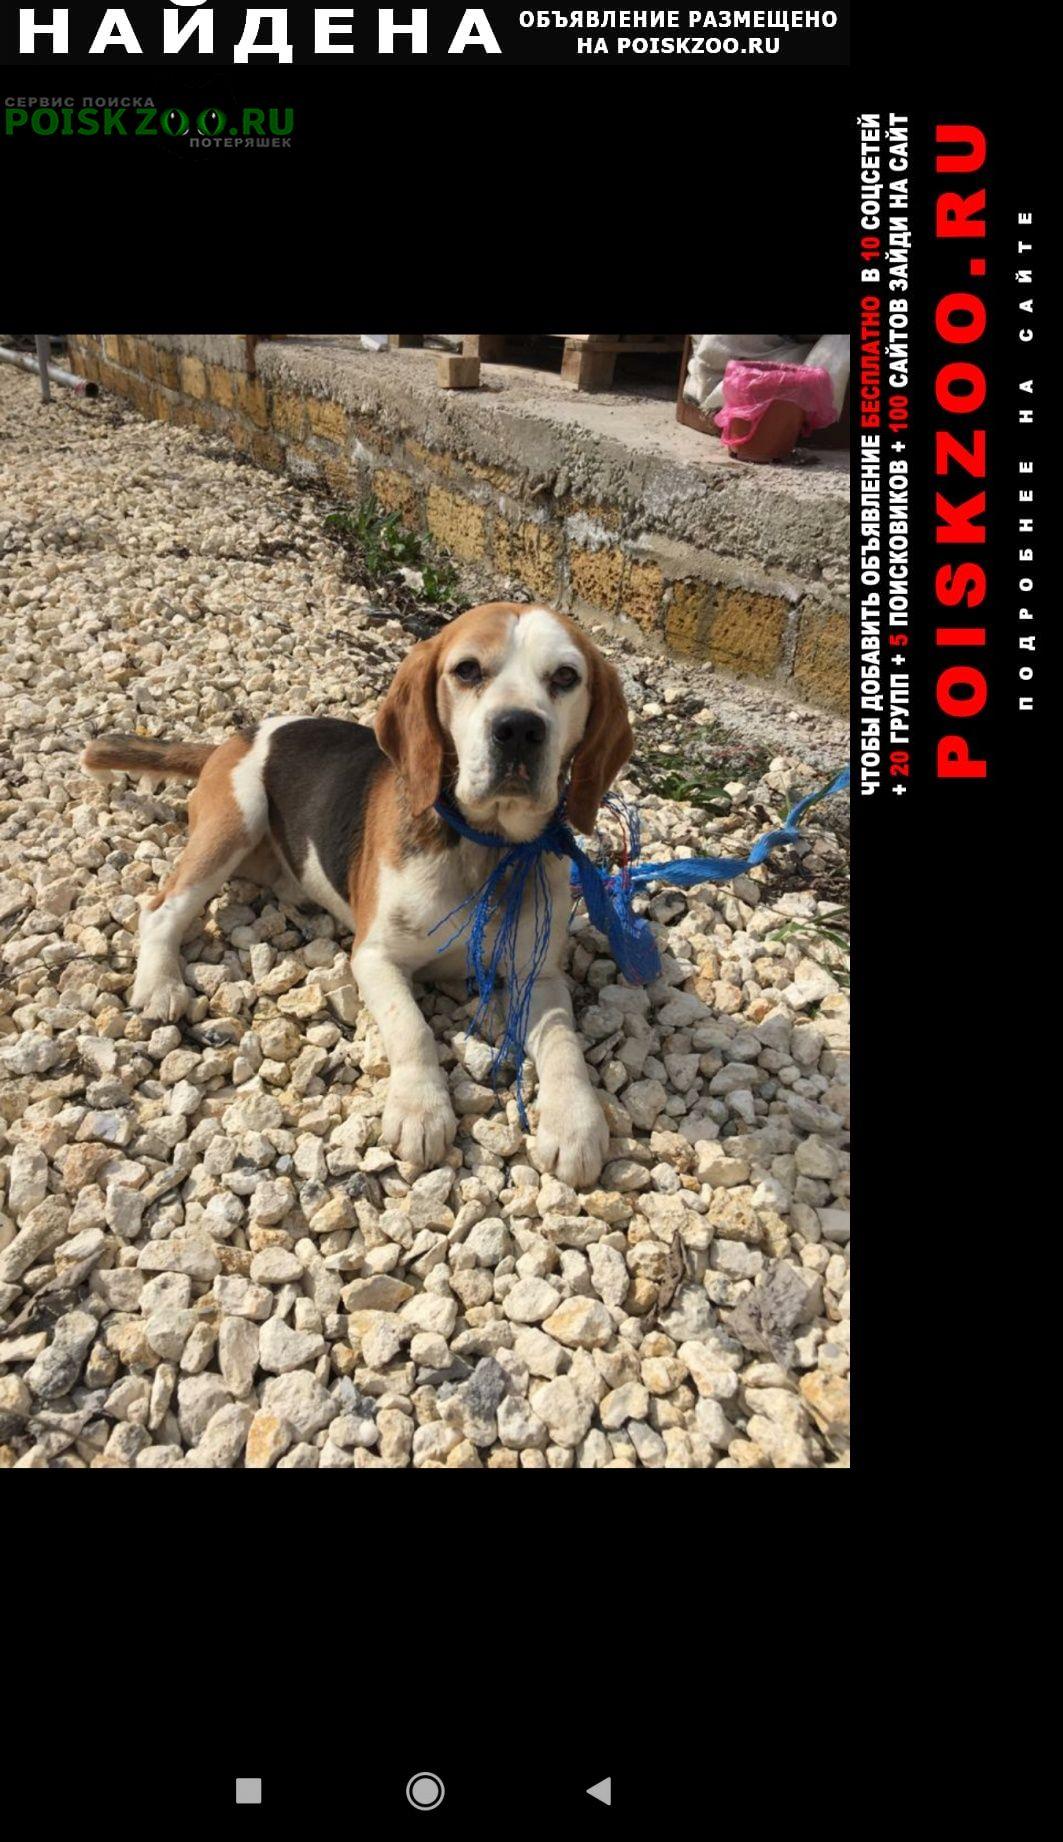 Найдена собака кобель Симферополь